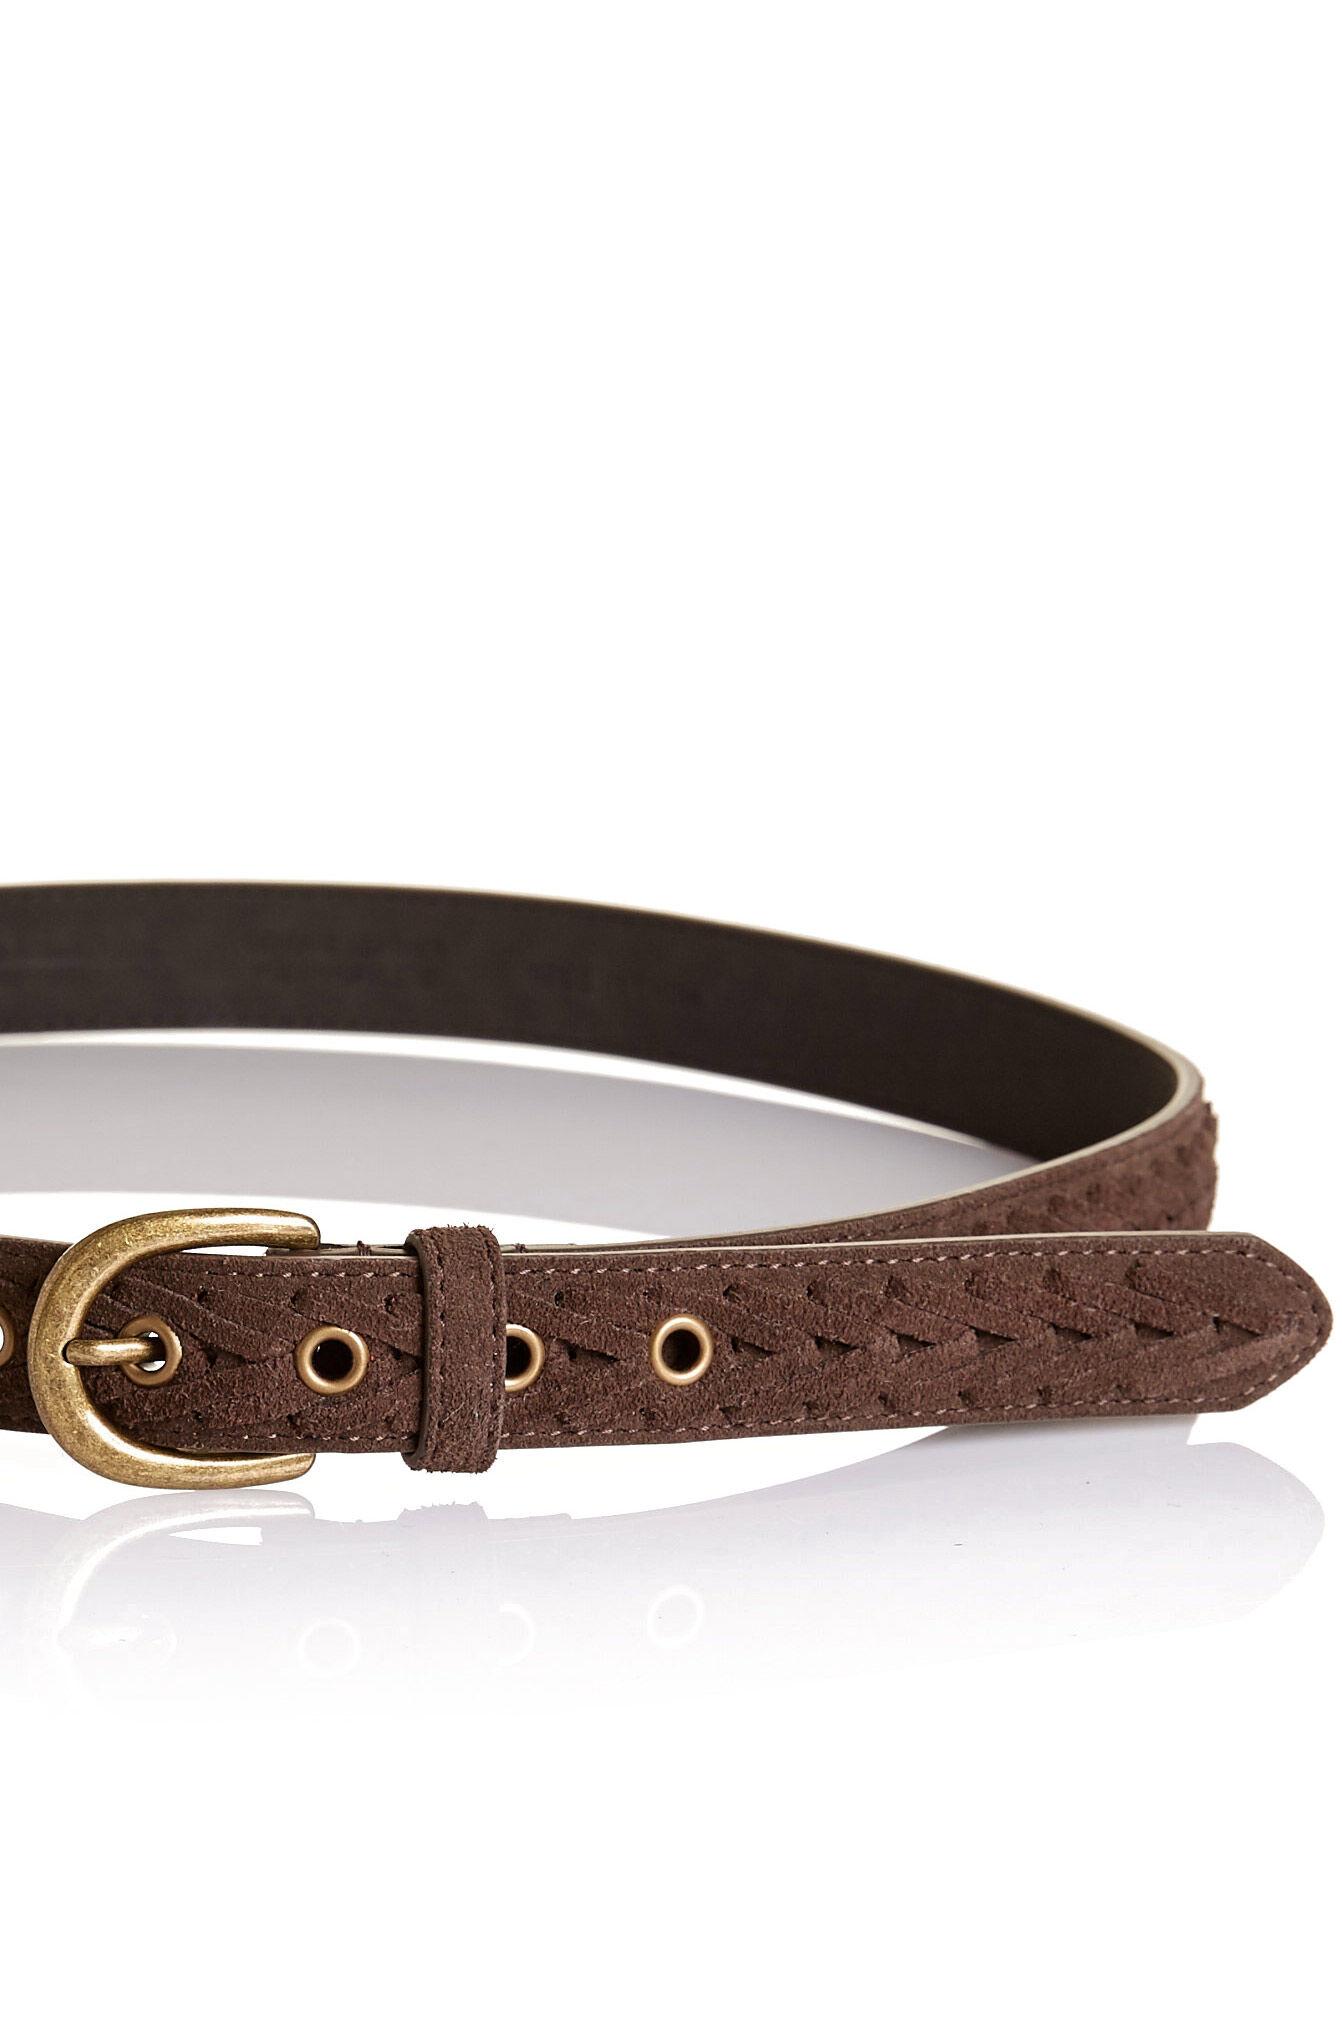 NEW-Sportscraft-WOMENS-Nicole-Plaited-Suede-Belt-Belts